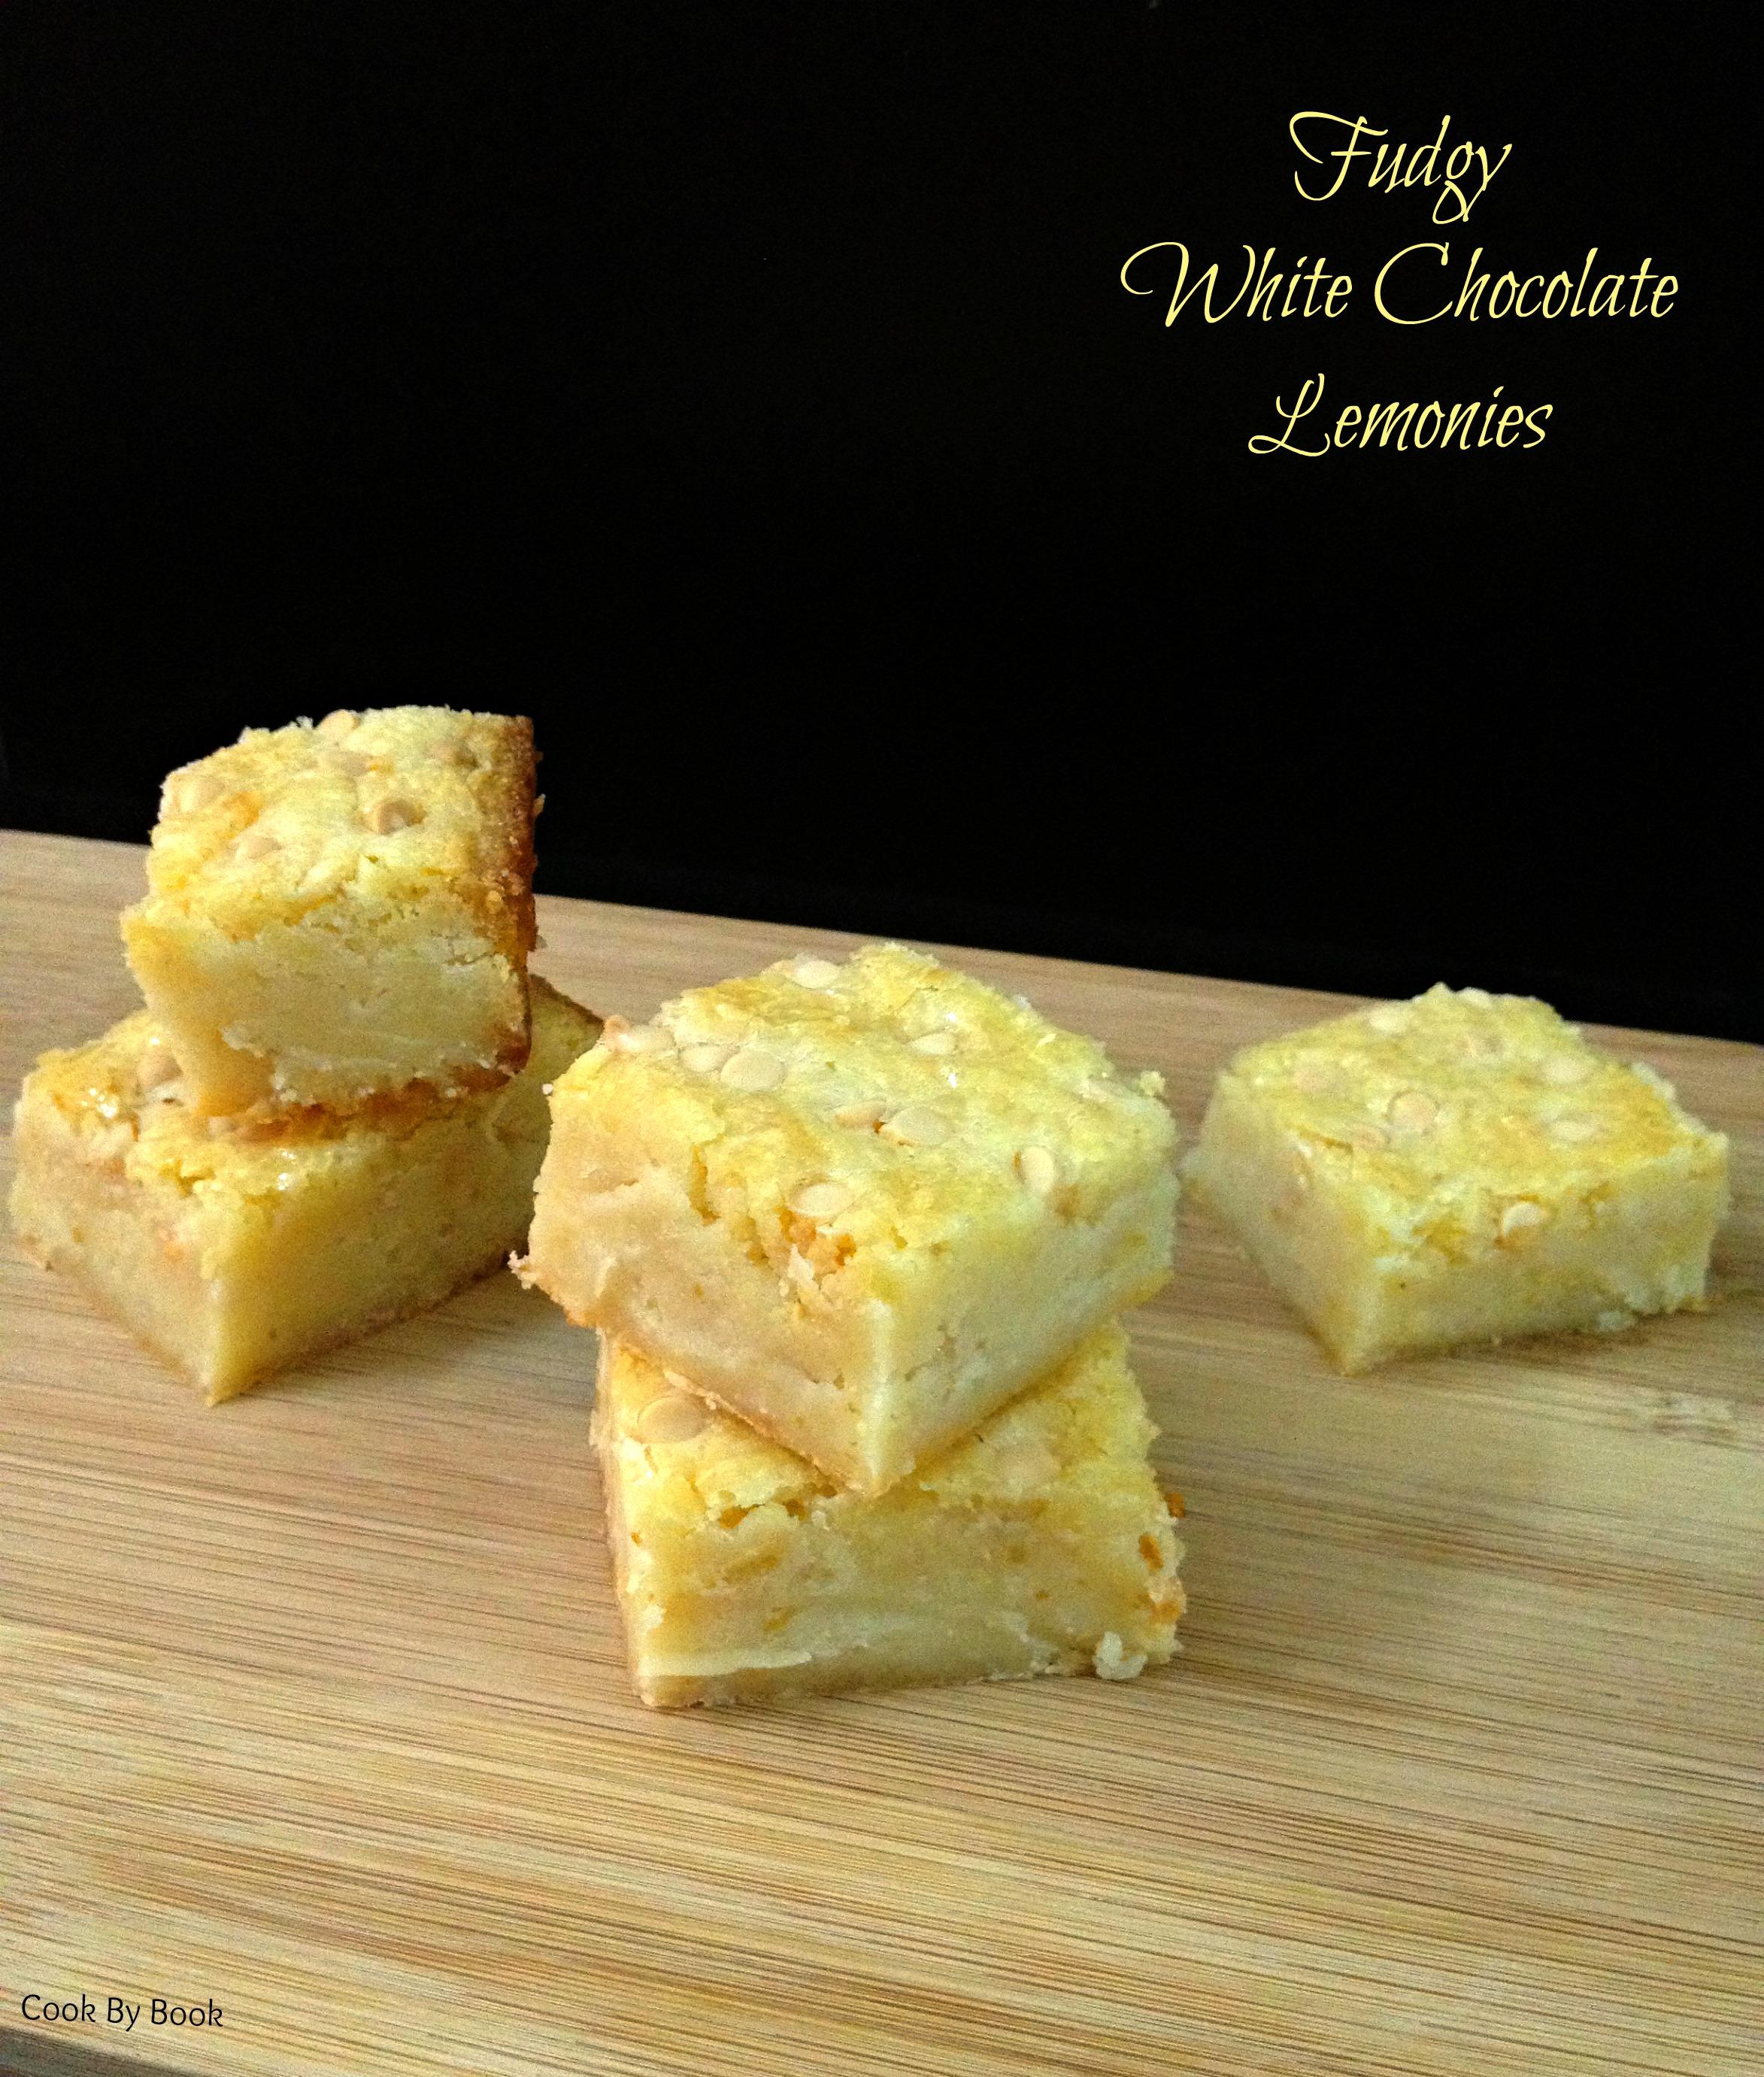 Fudgy White Chocolate Lemonies2